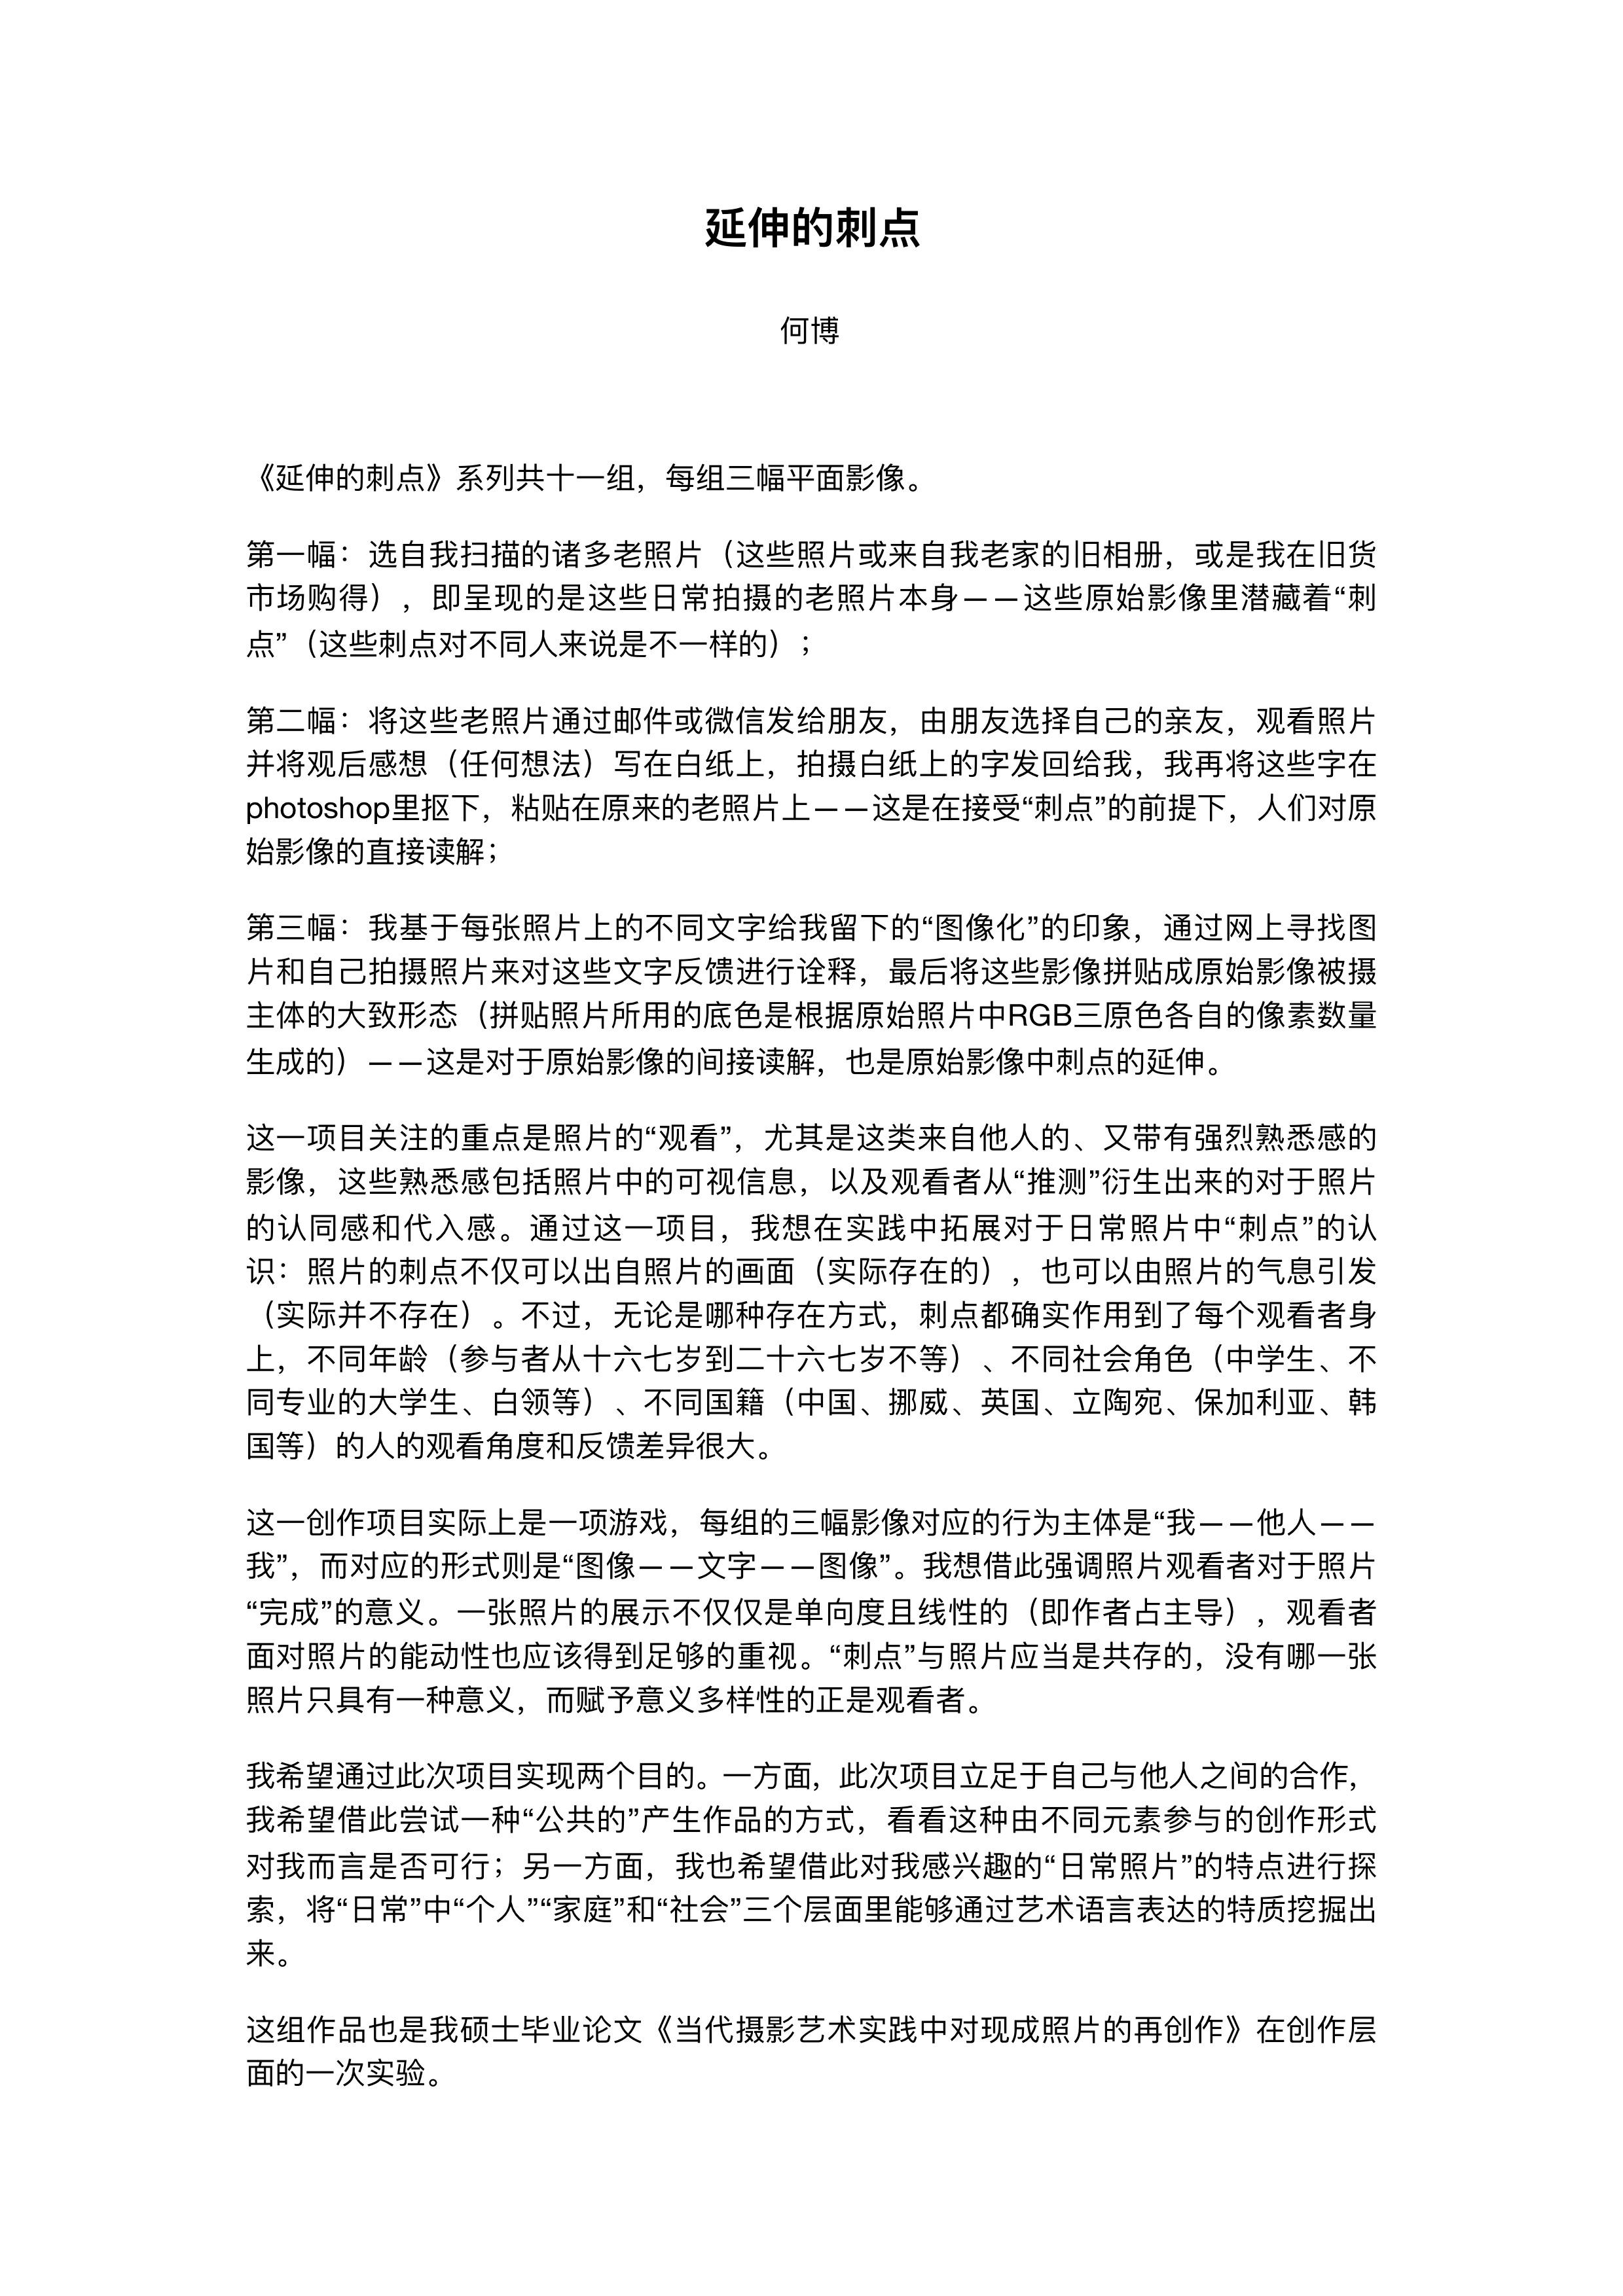 《延伸的刺点》阐述中英文完整版1.jpg